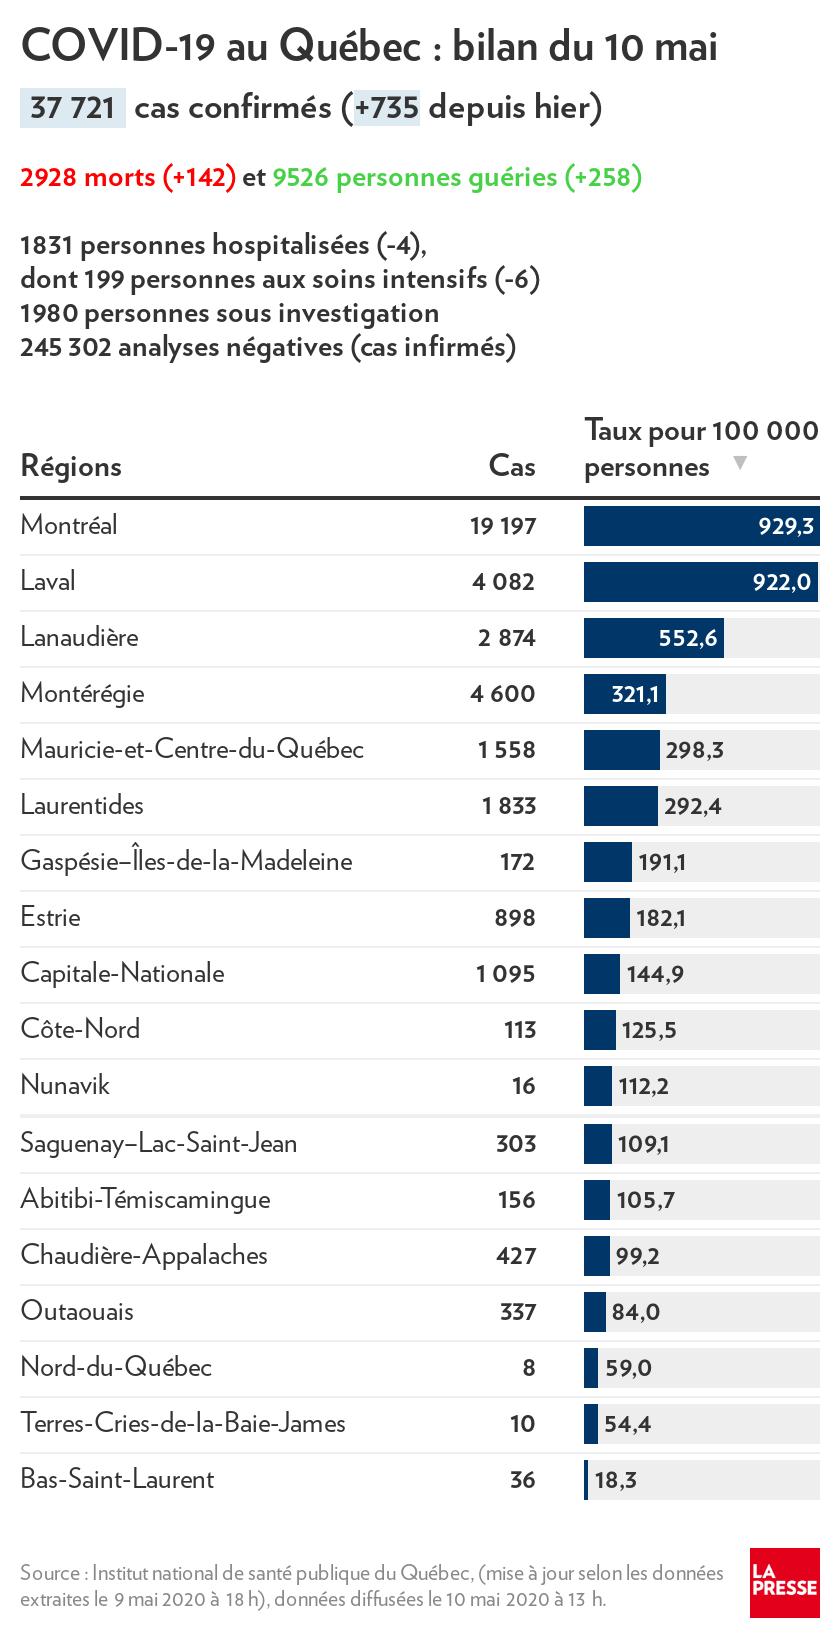 Le Quebec En Septieme Place Au Monde Pour Les Morts Quotidiens La Presse